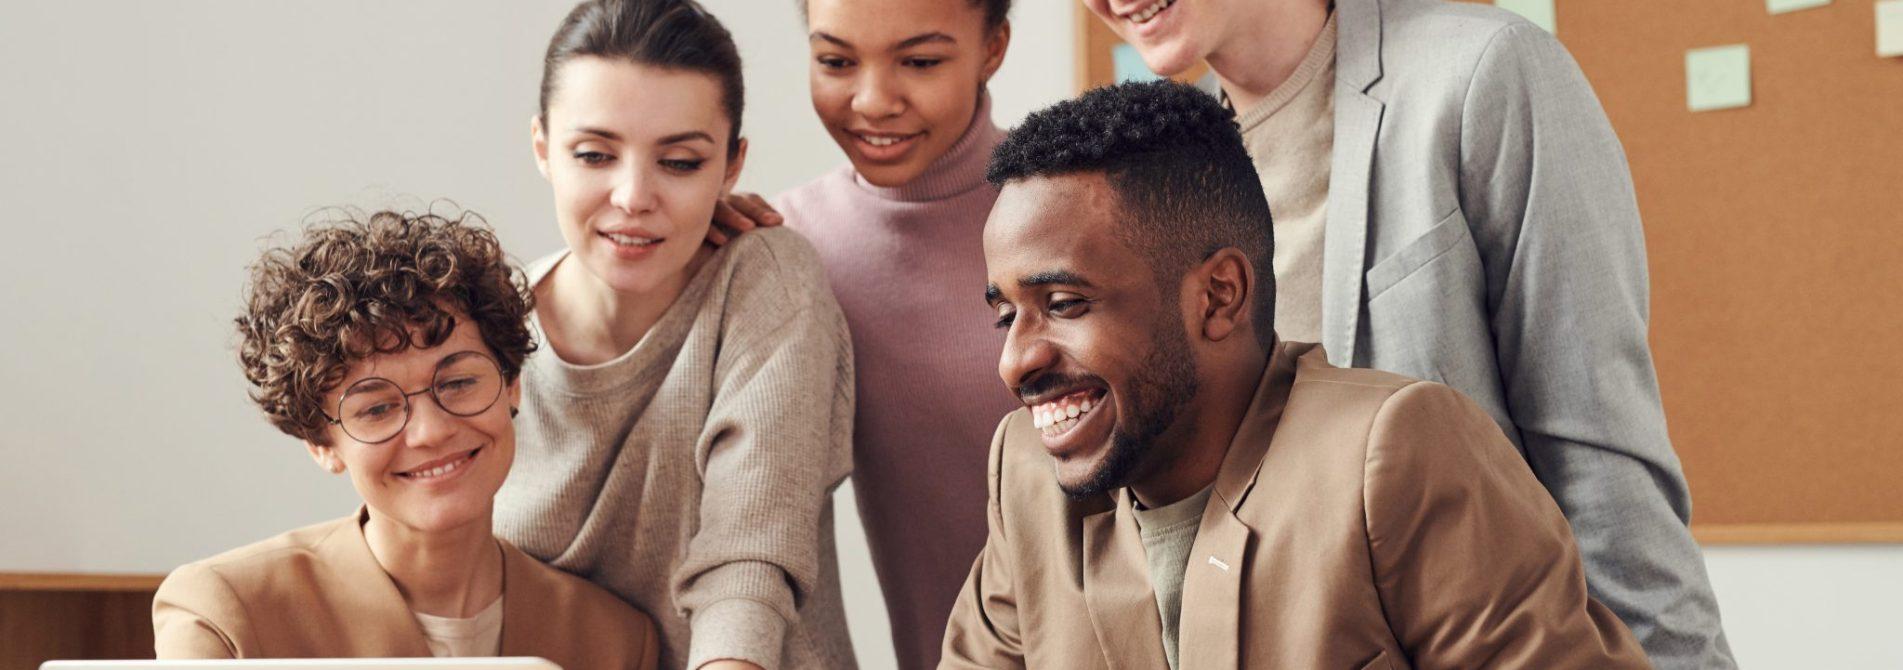 Grupo de trabalho sorri